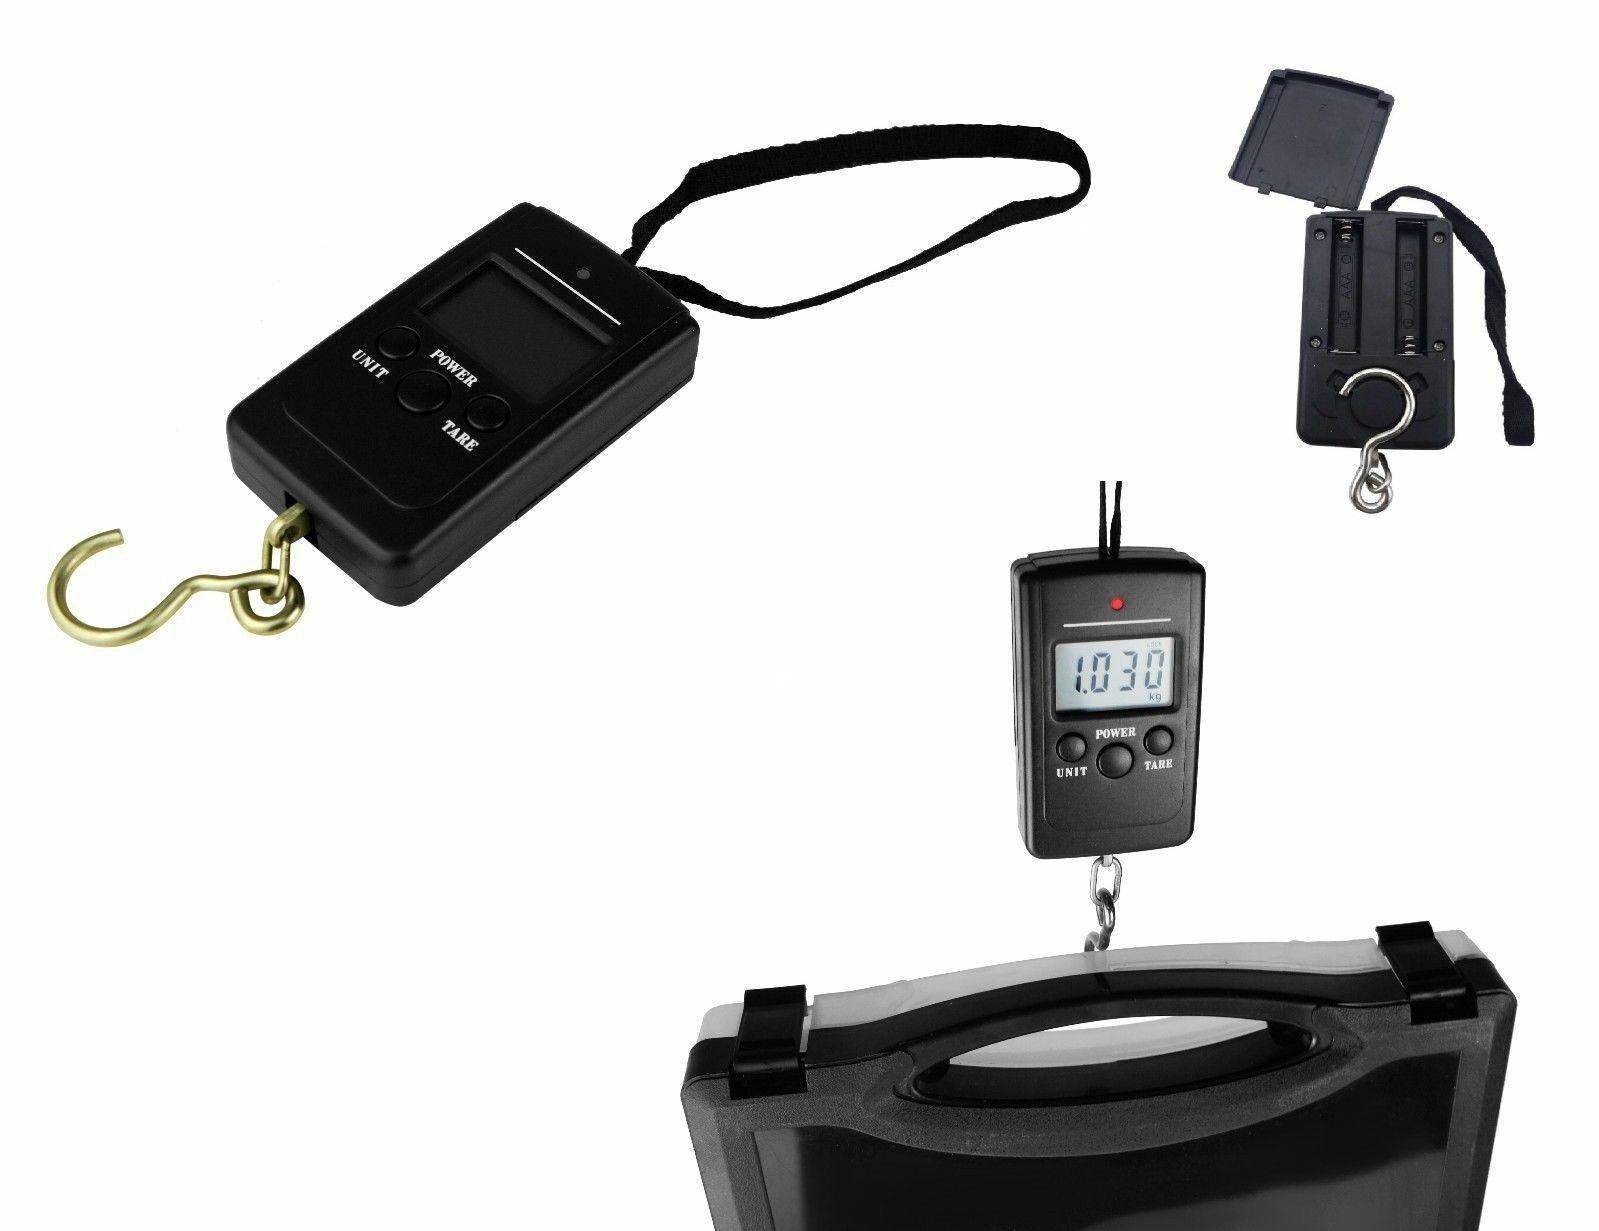 50kg Digitale Gepäckwaage Kofferwaage Hängewaage Paketwaage Handwaage Reisewaage